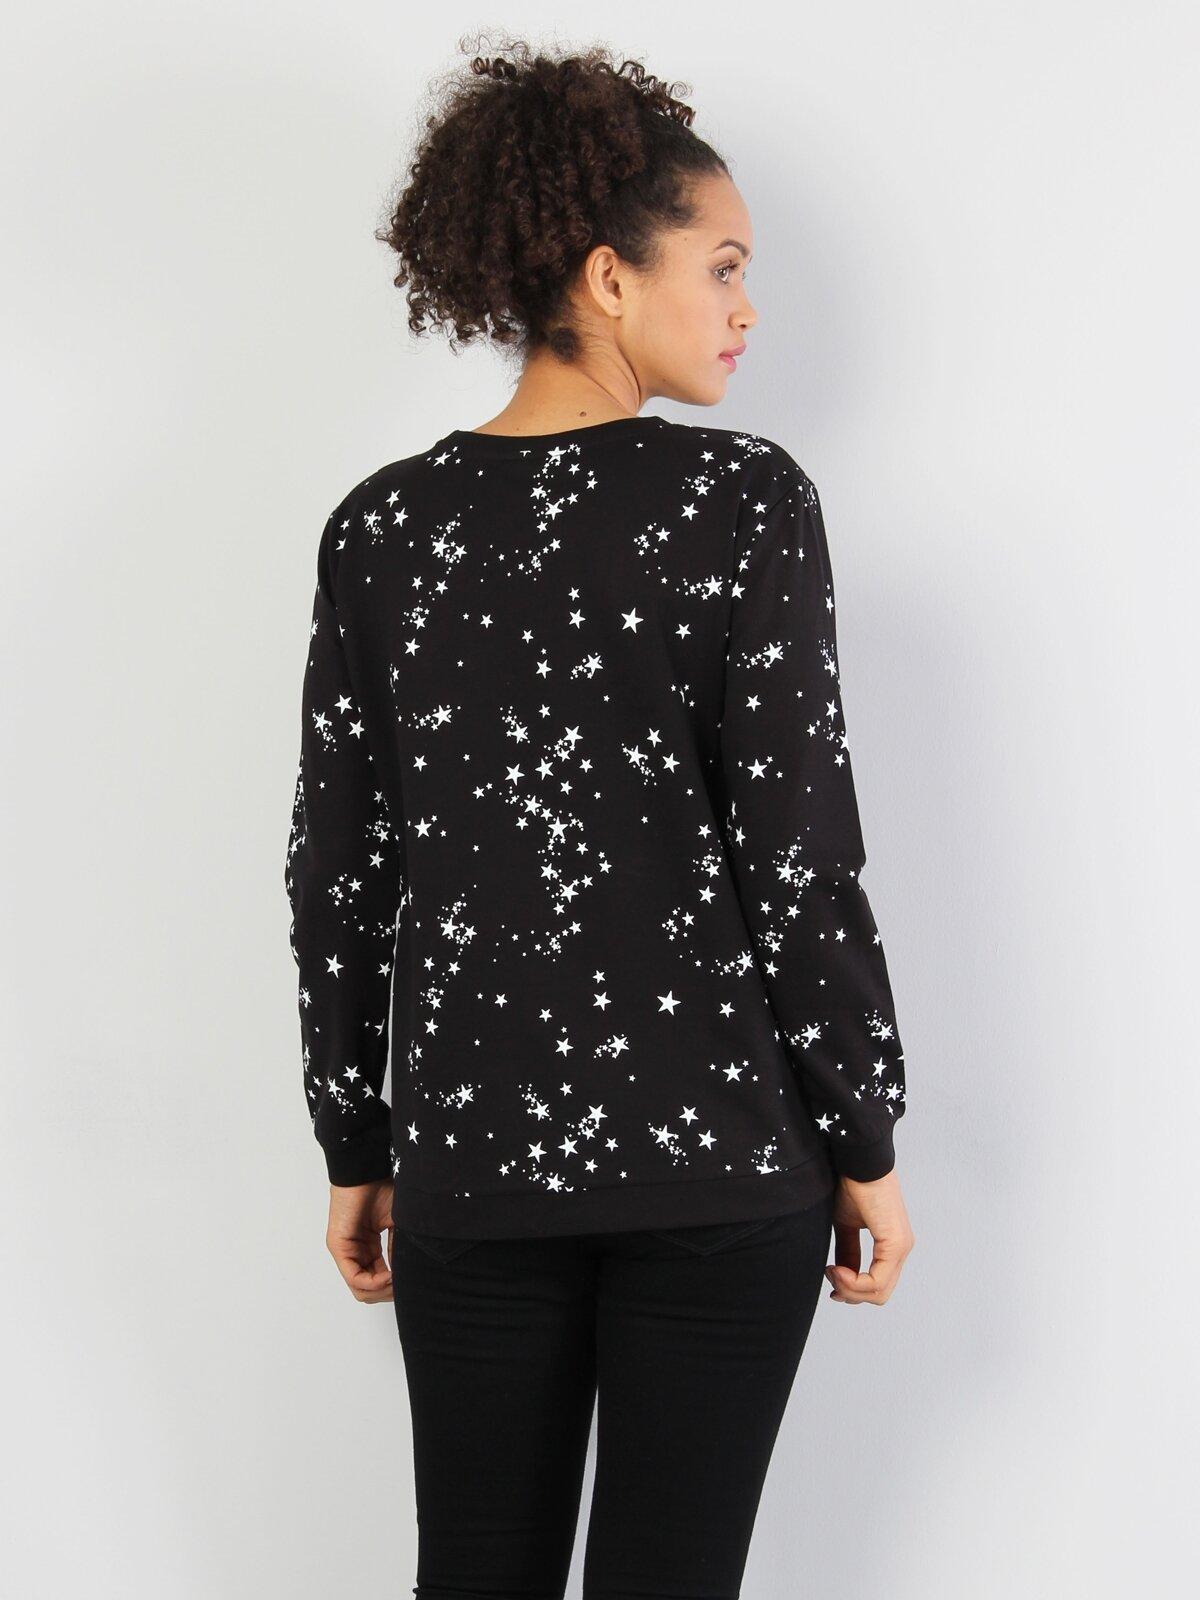 Siyah Baskılı Uzun Kol Sweatshirt